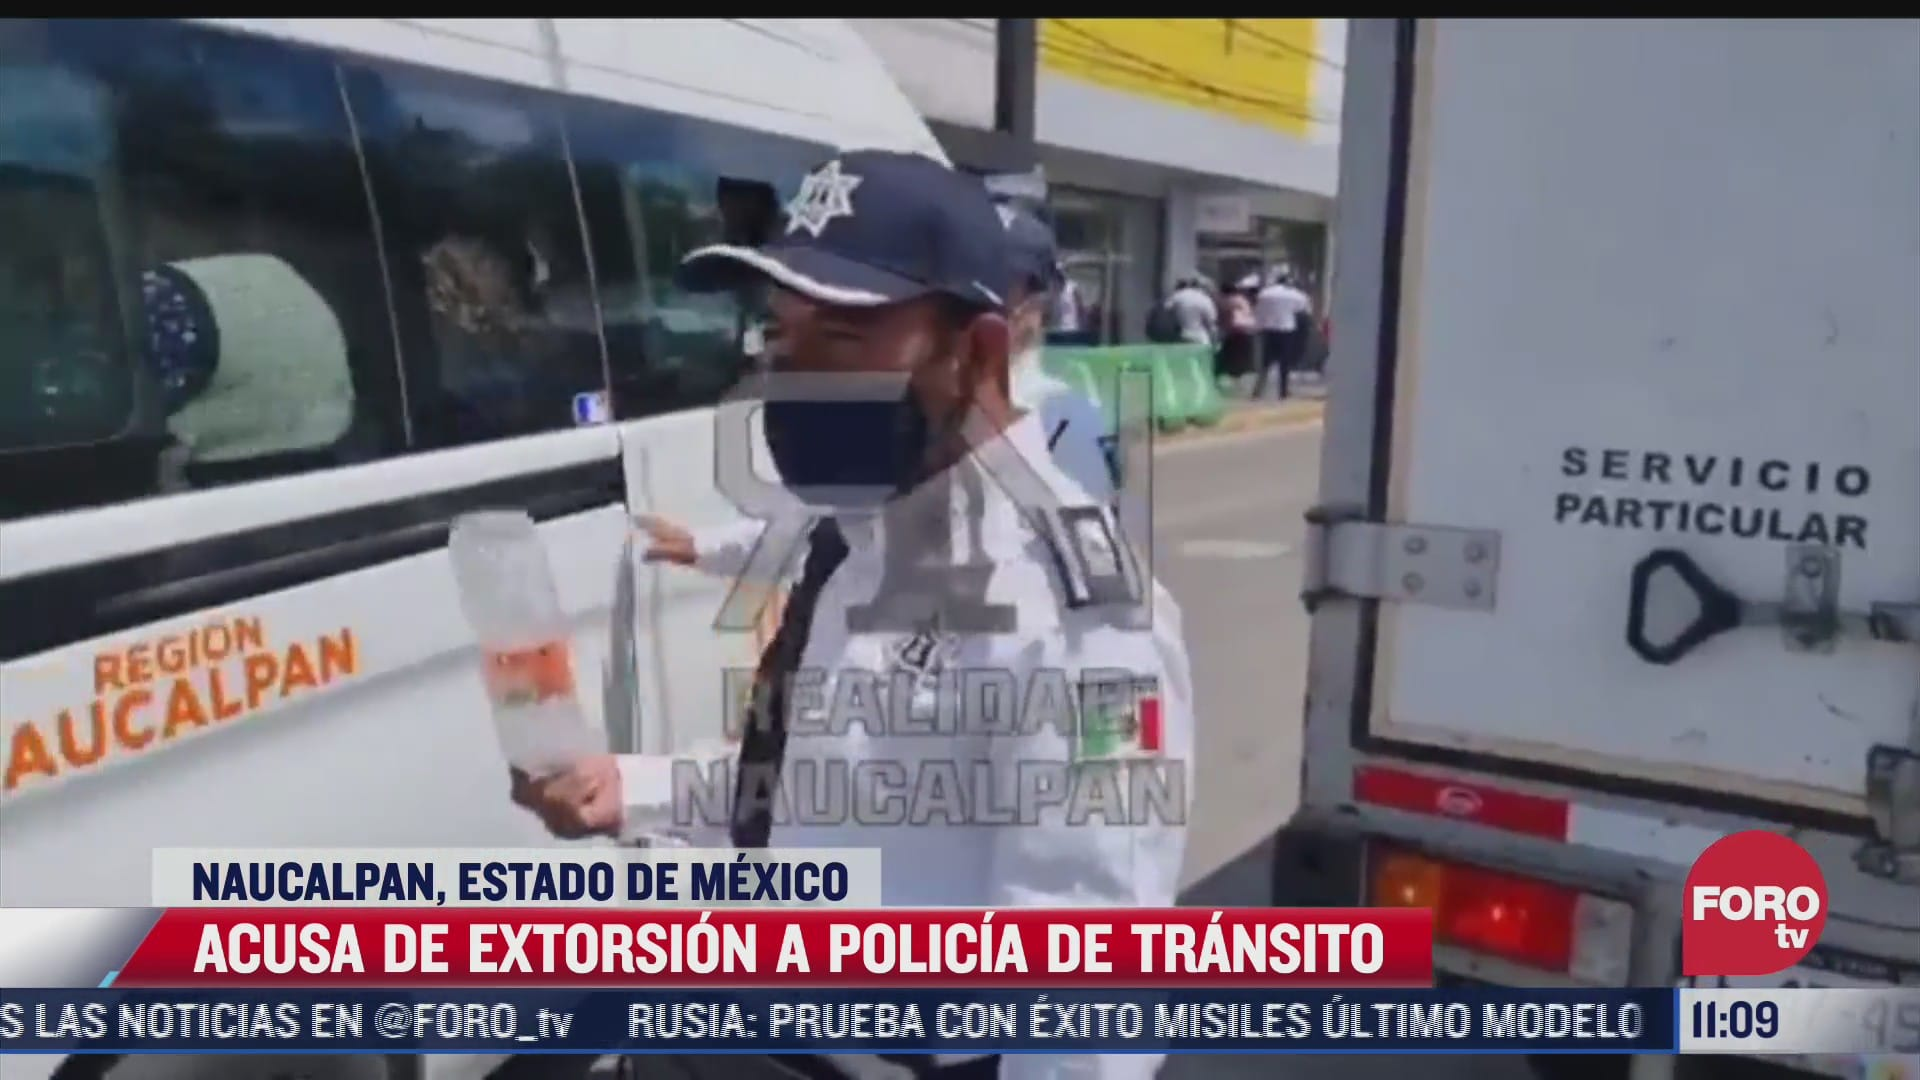 exhiben a policia de transito de estado de mexico por pedir mordida